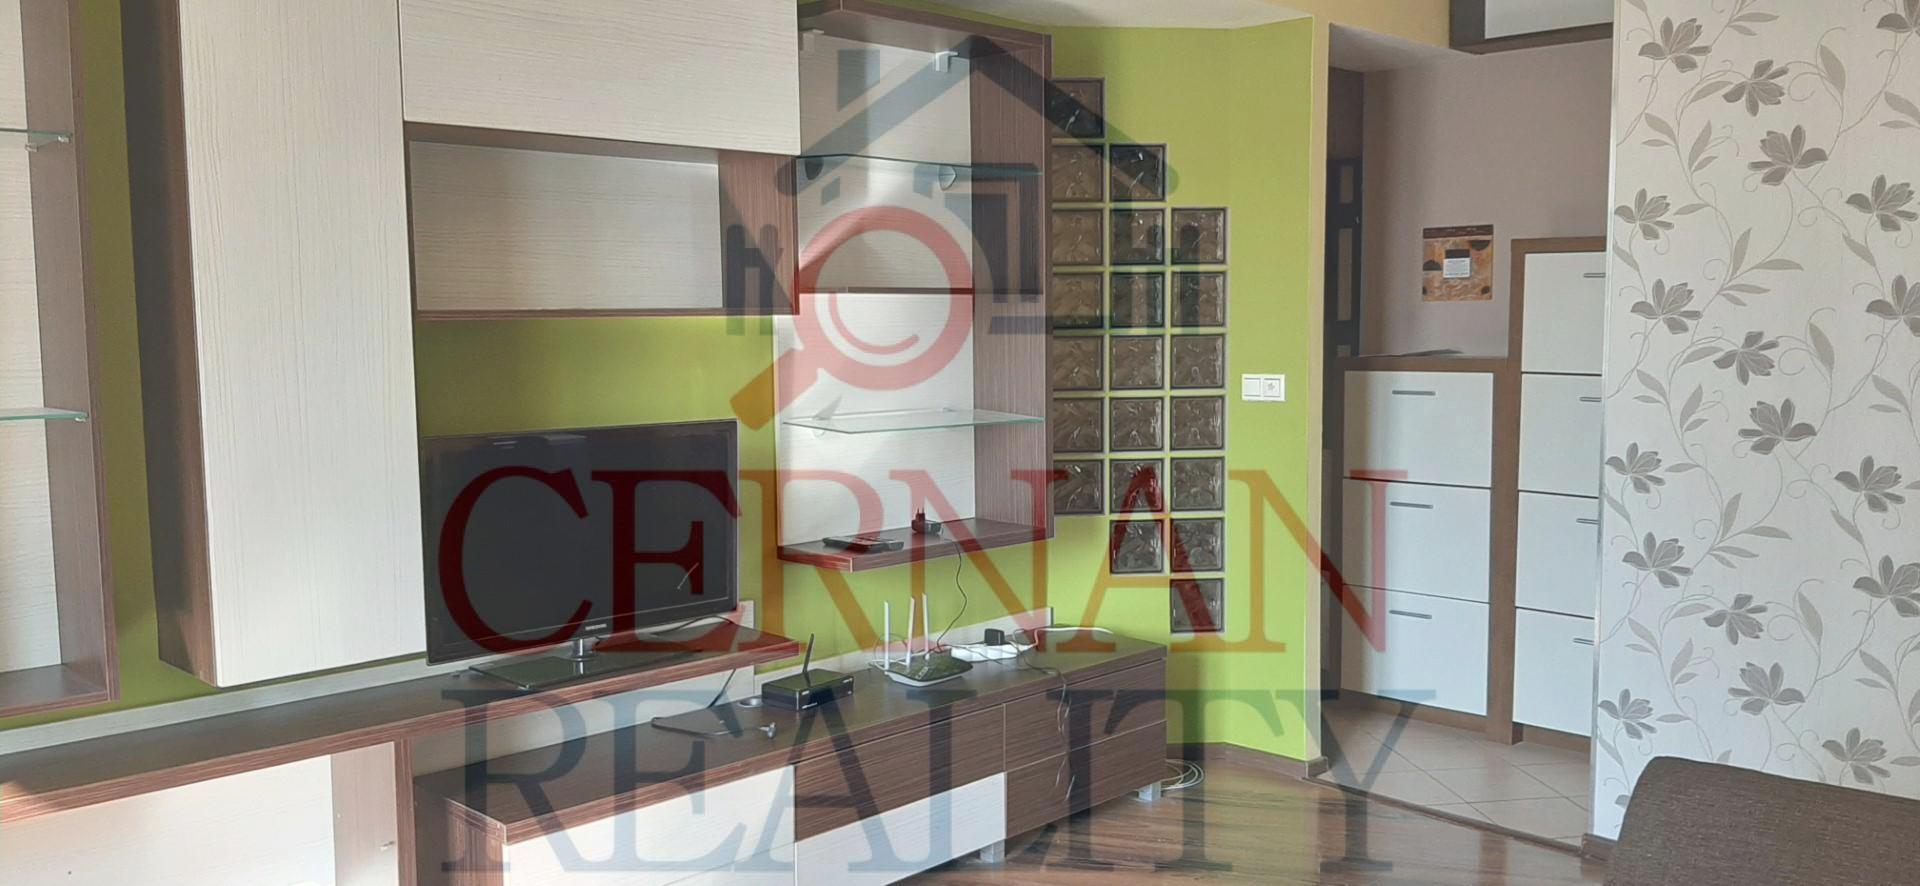 predaj predam 3 izbovy byt Kosice Komenskeho reality KE 11